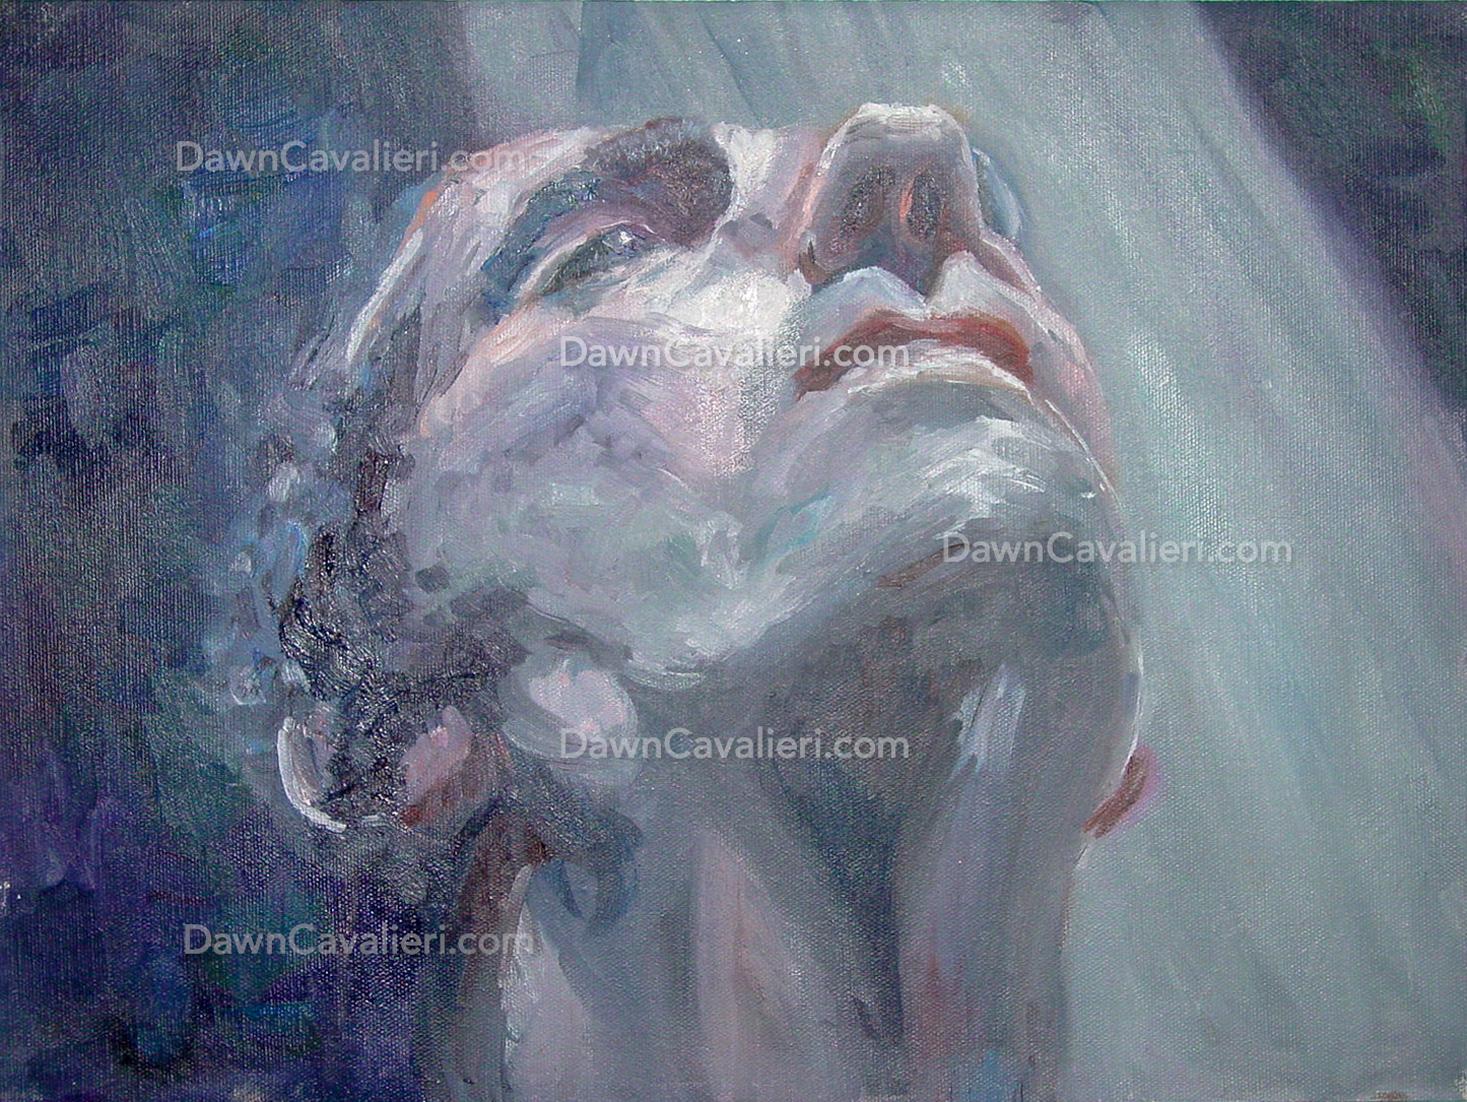 Painting of Harry Dean Stanton in Alien, by Dawn Cavalieri.